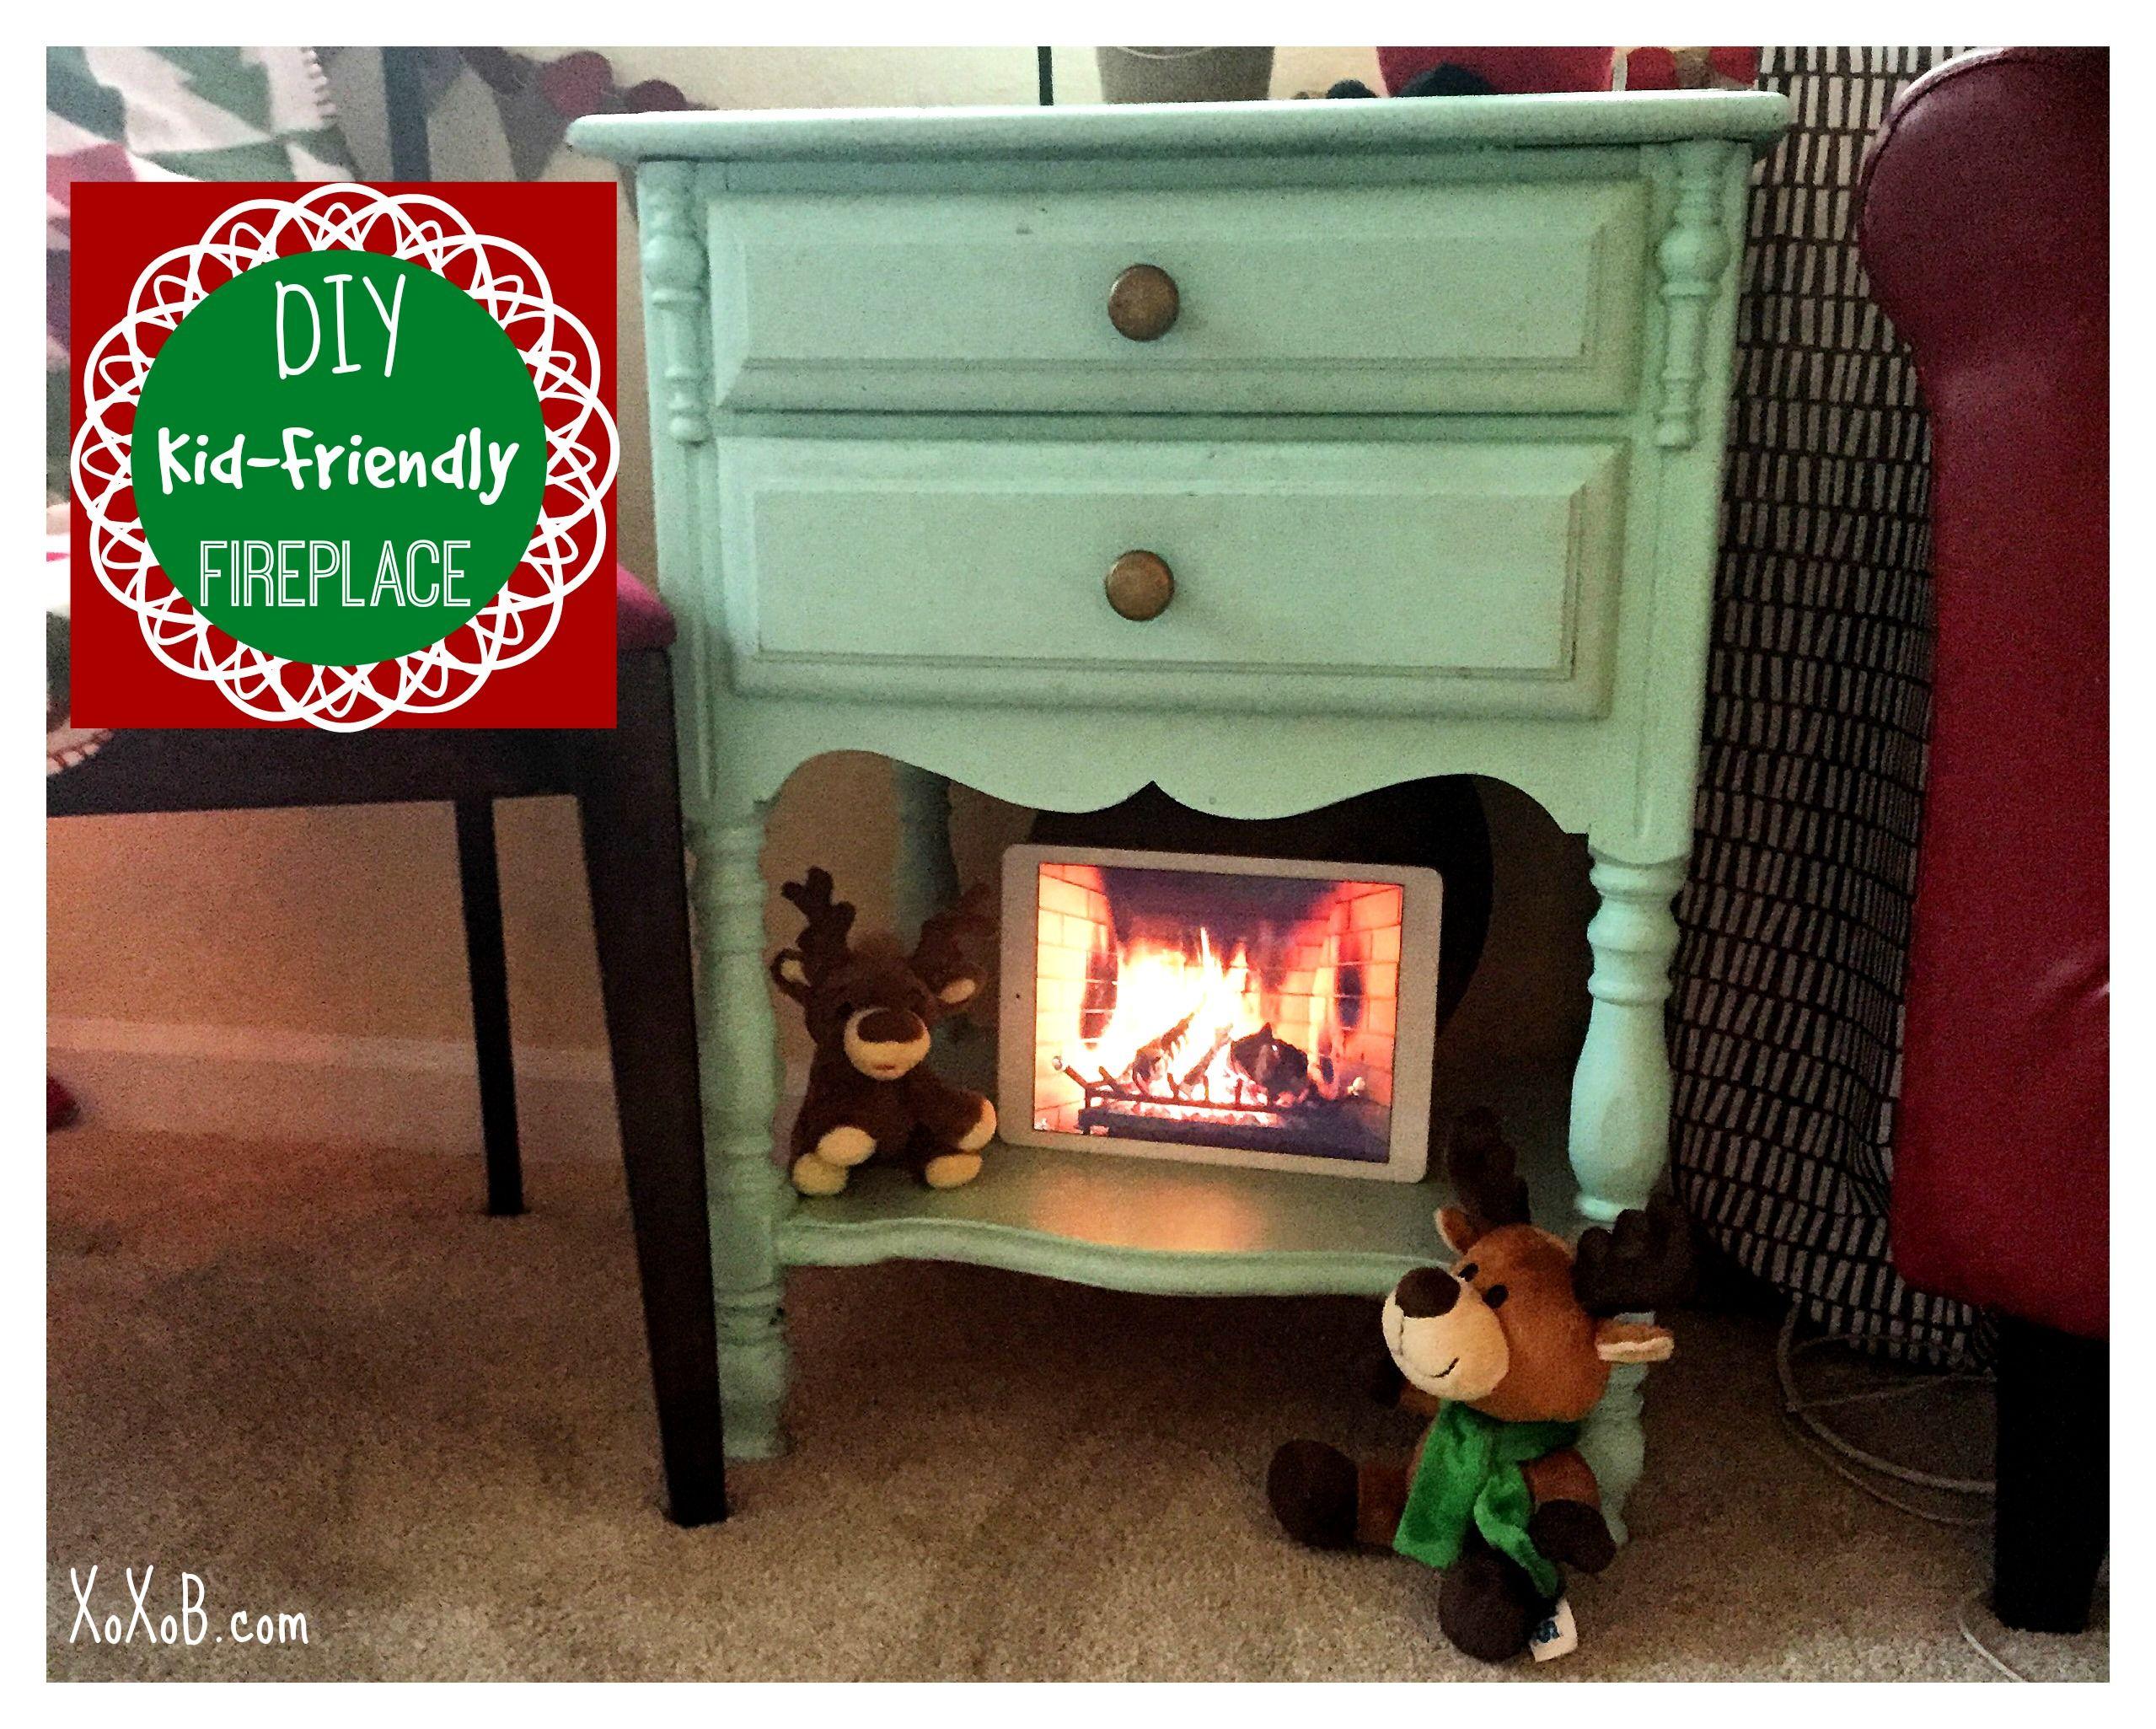 DIY Kid-safe fireplace! Christmas Room! So Cute #christmas #christmasdecor #decorating